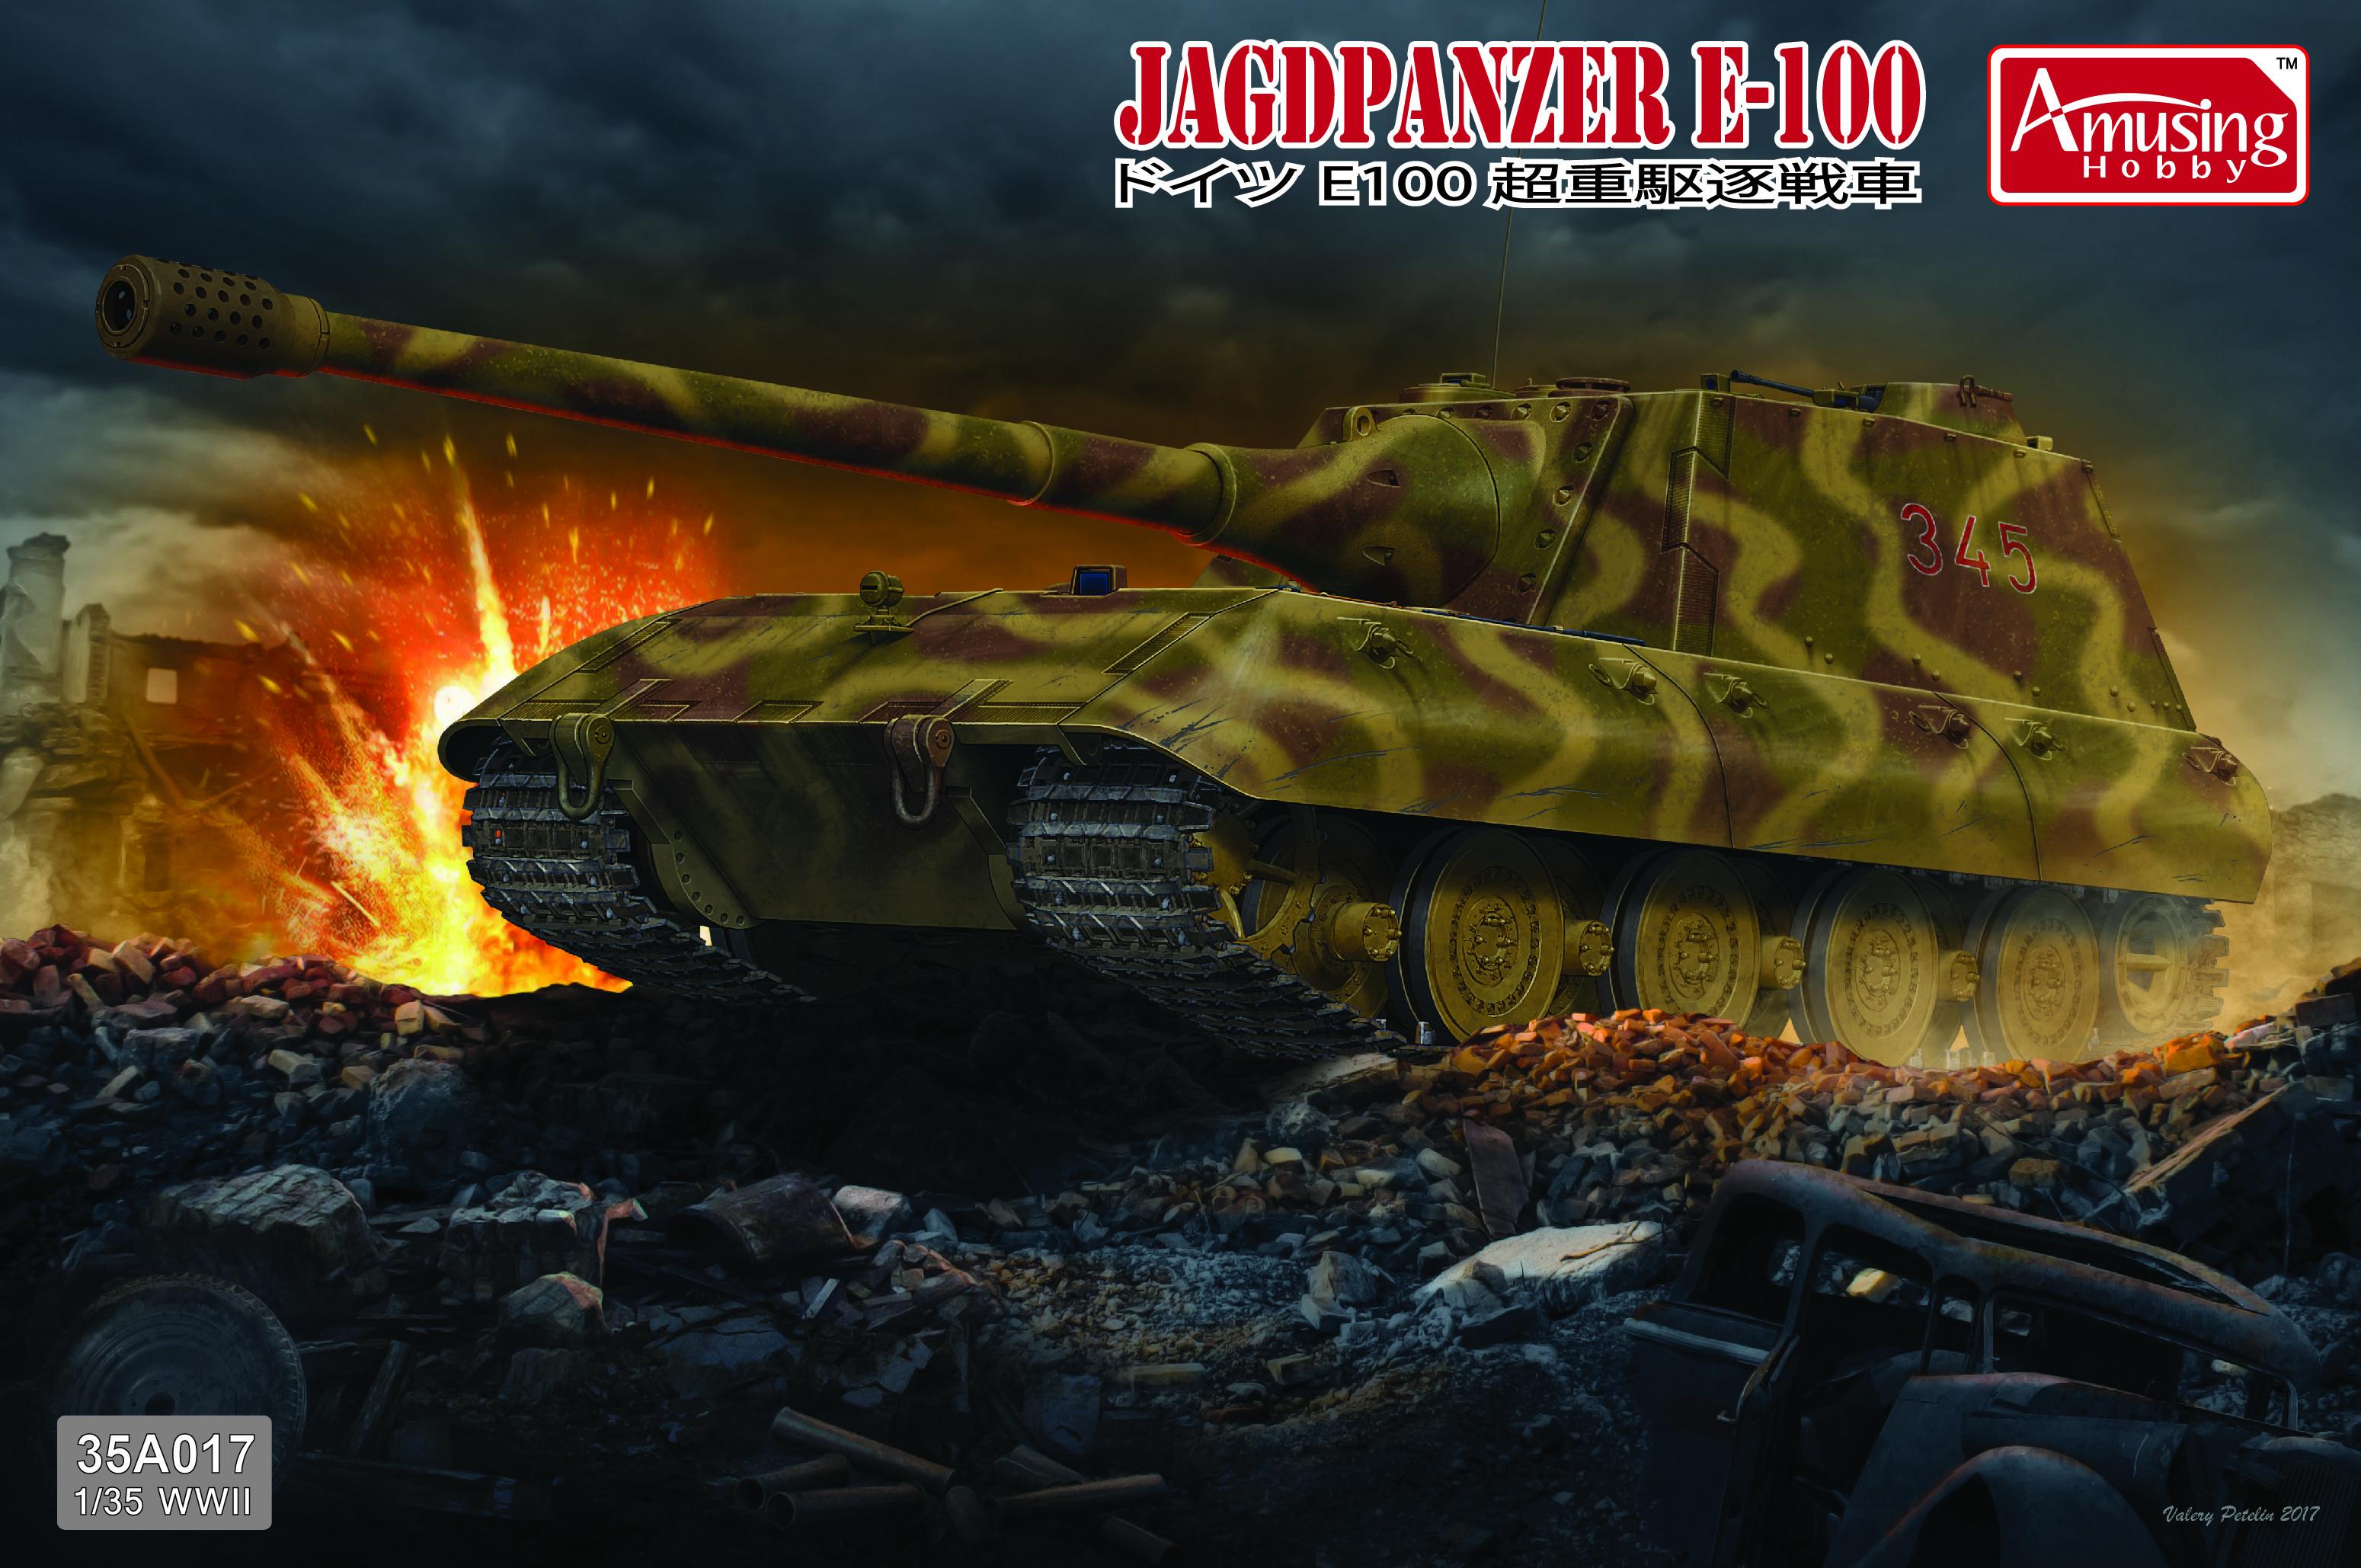 Amusing Hobby 1/35 Jagdpanzer E-100